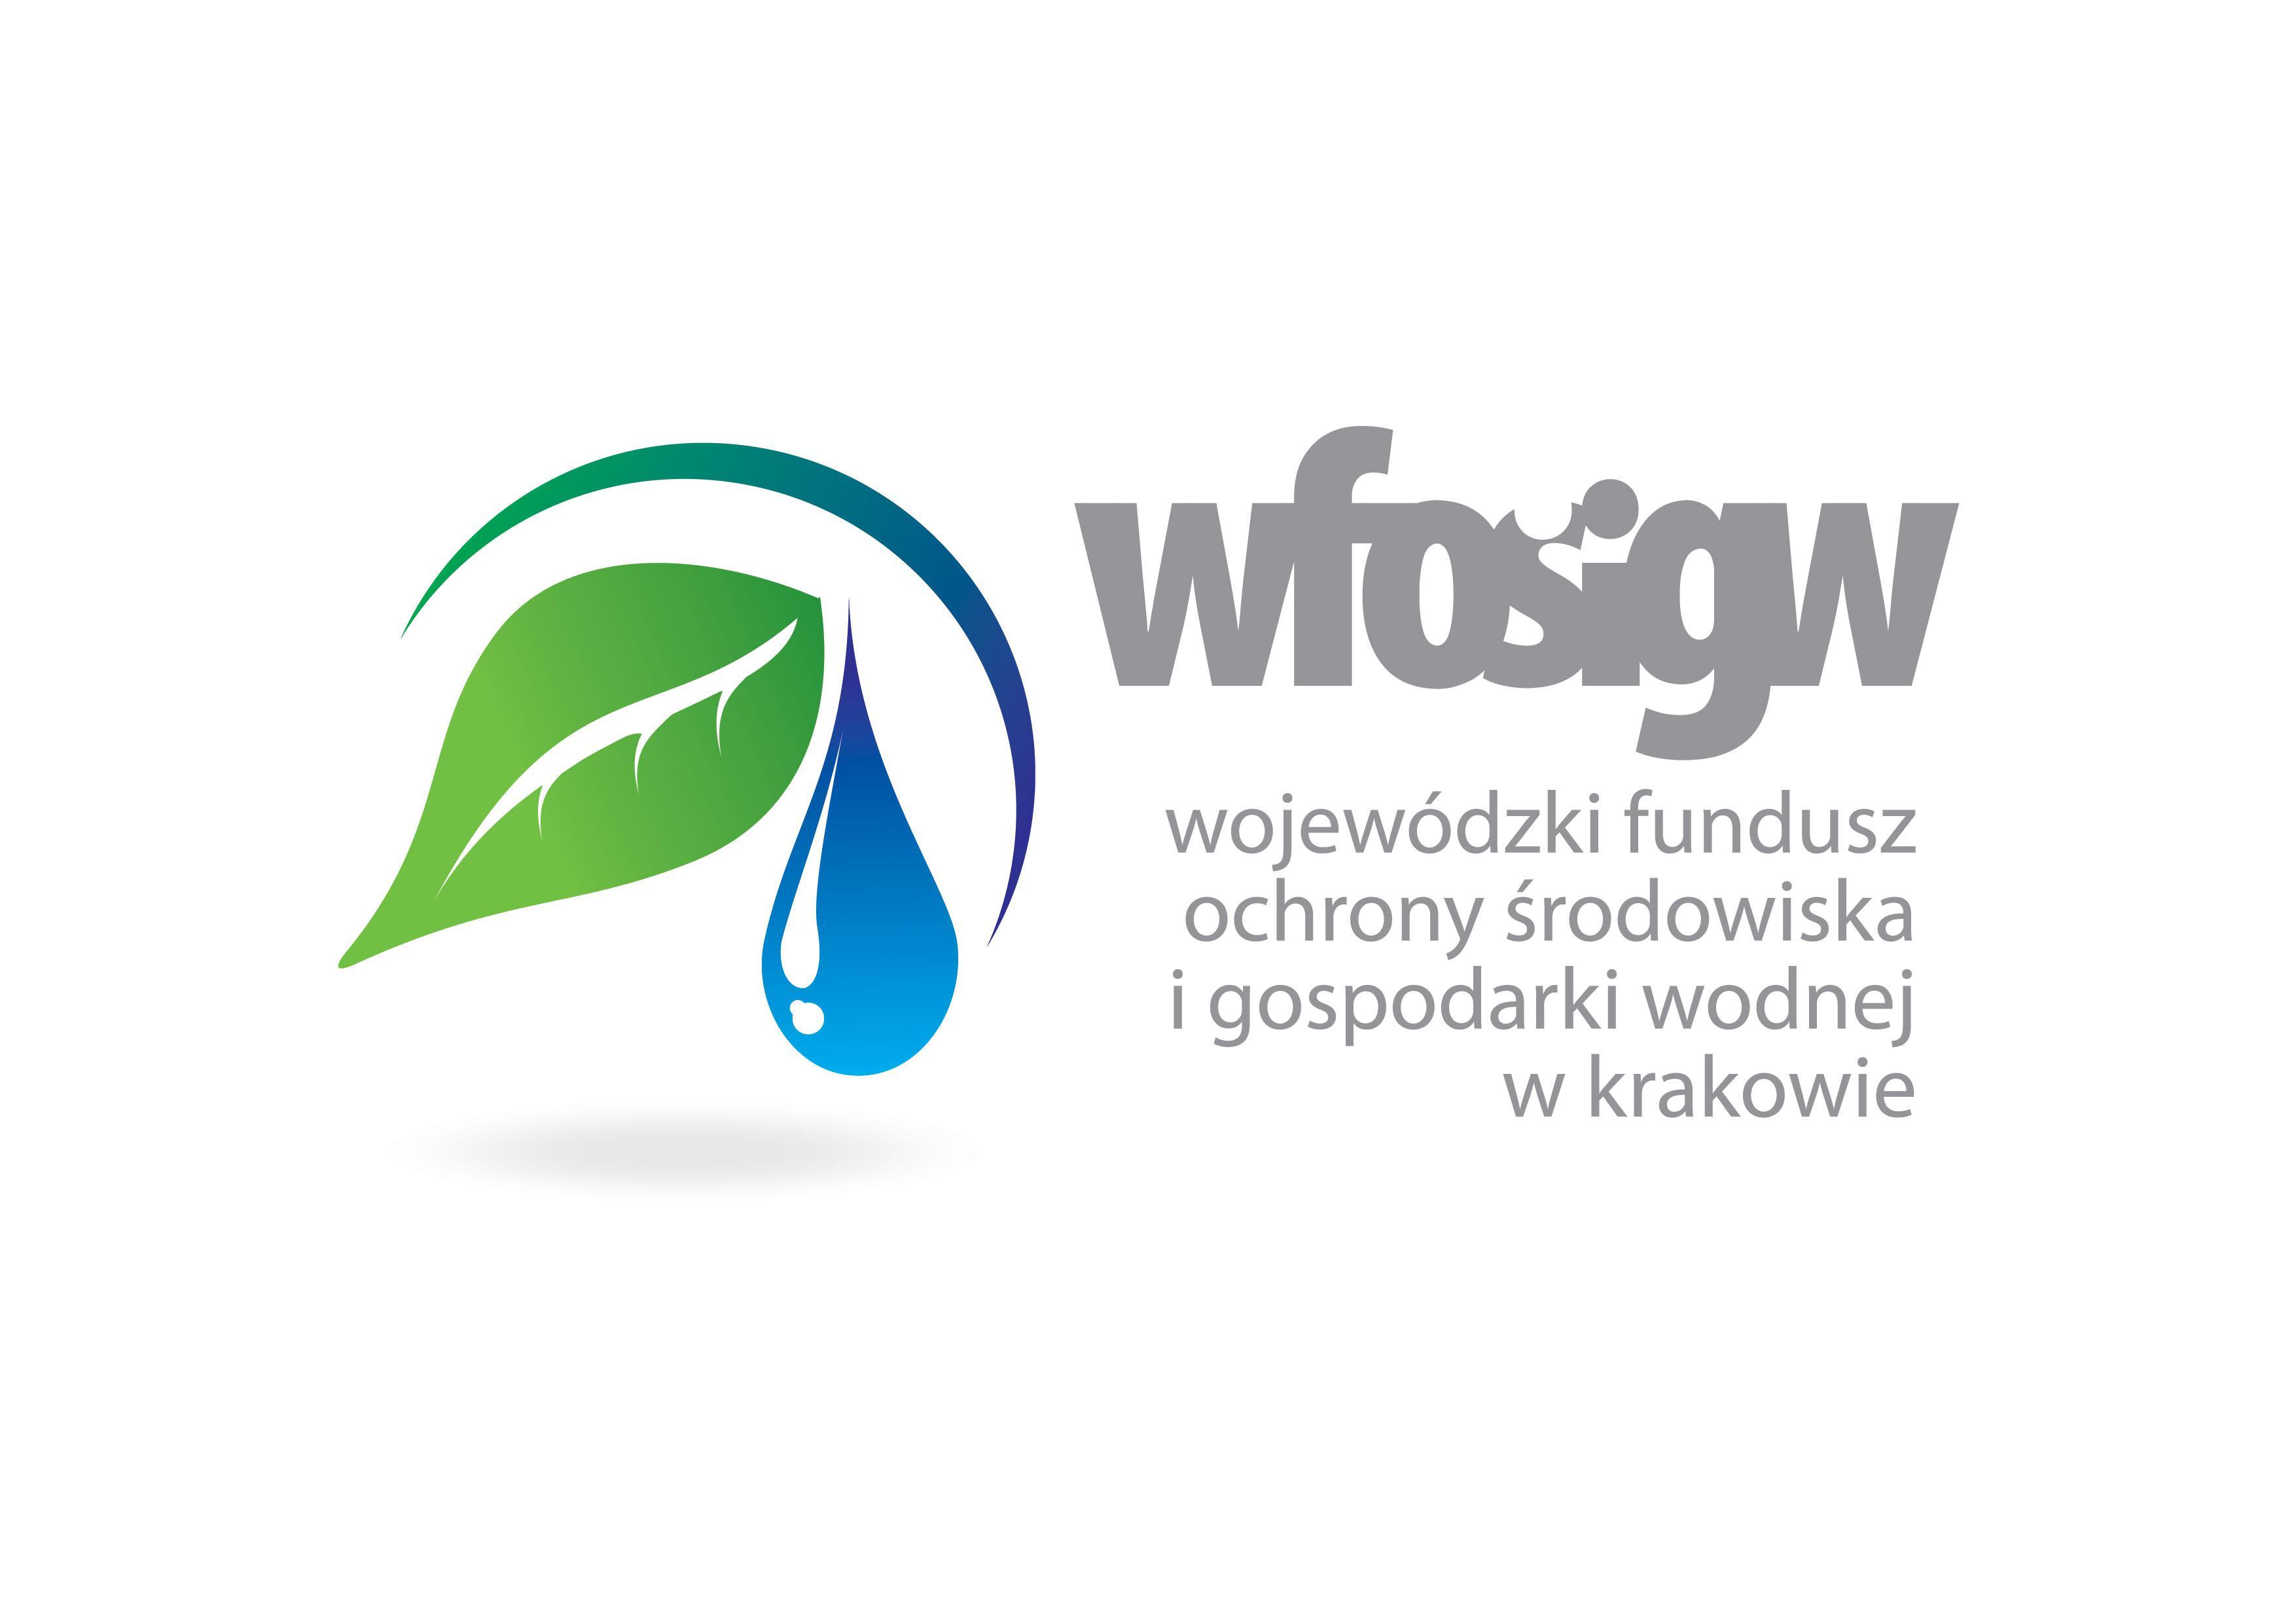 O jednostce | Regionaly System Biuletynów Informacji Publicznej w  Małopolsce | Biuletyn Informacji Publicznej